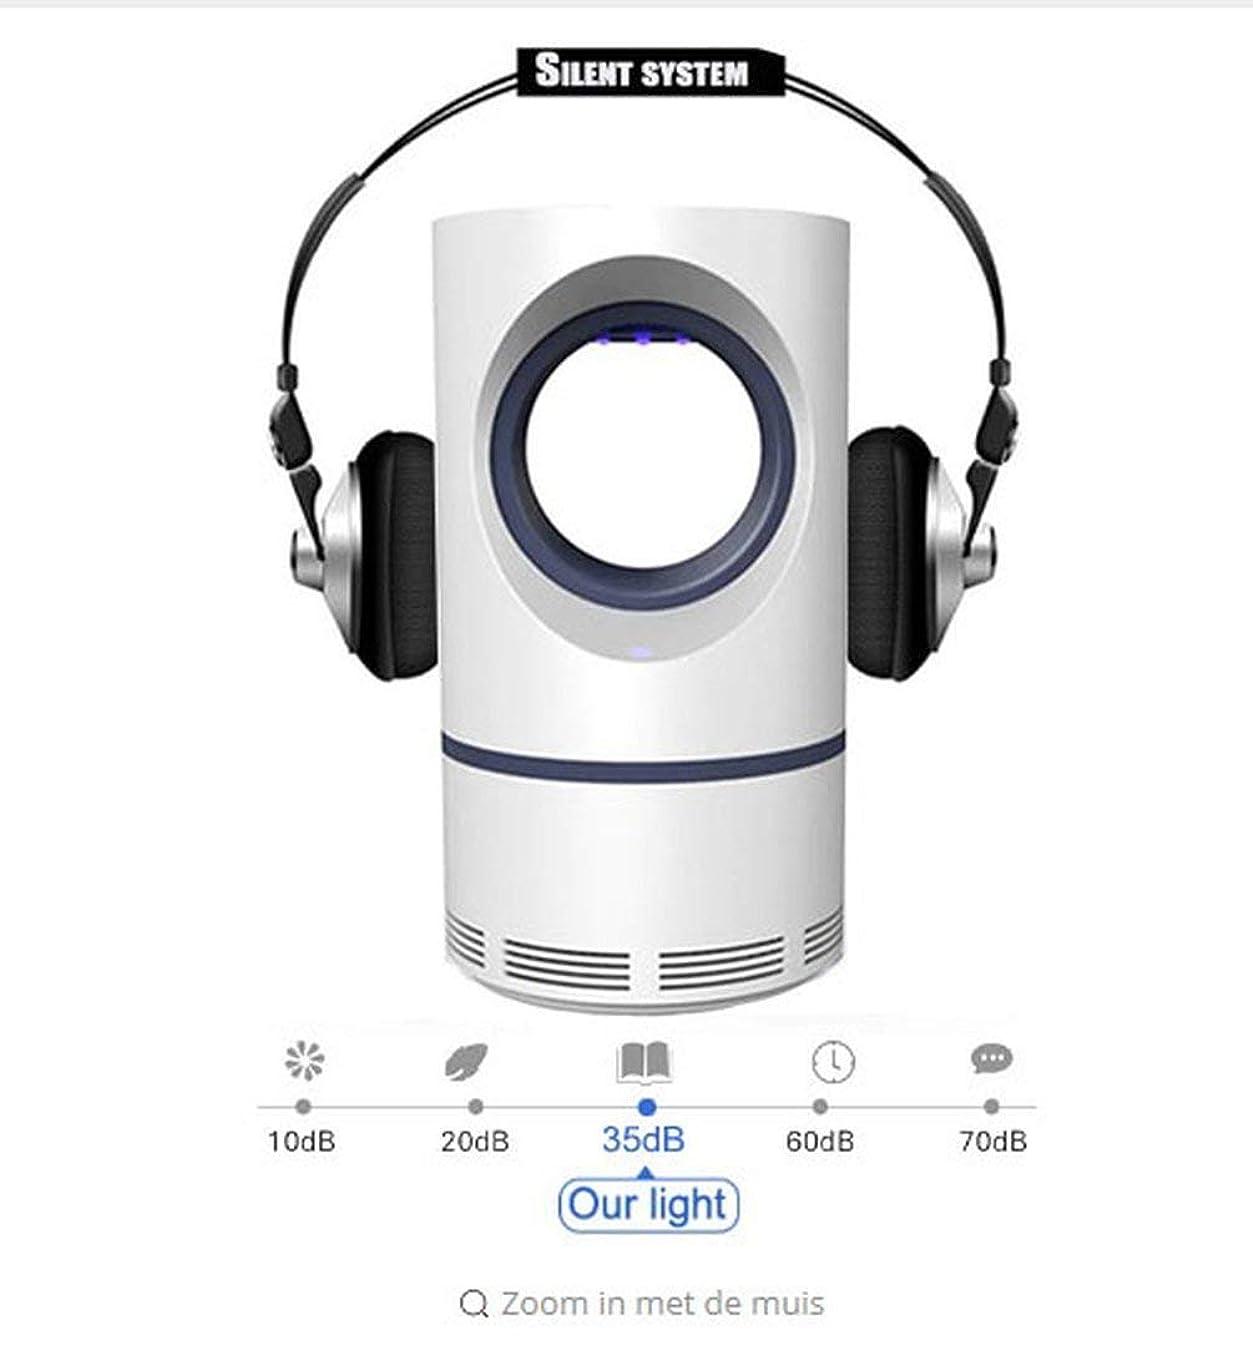 アンチ蚊led USB電気蚊キラーUVナイトライトハエトラッパー - ホワイト